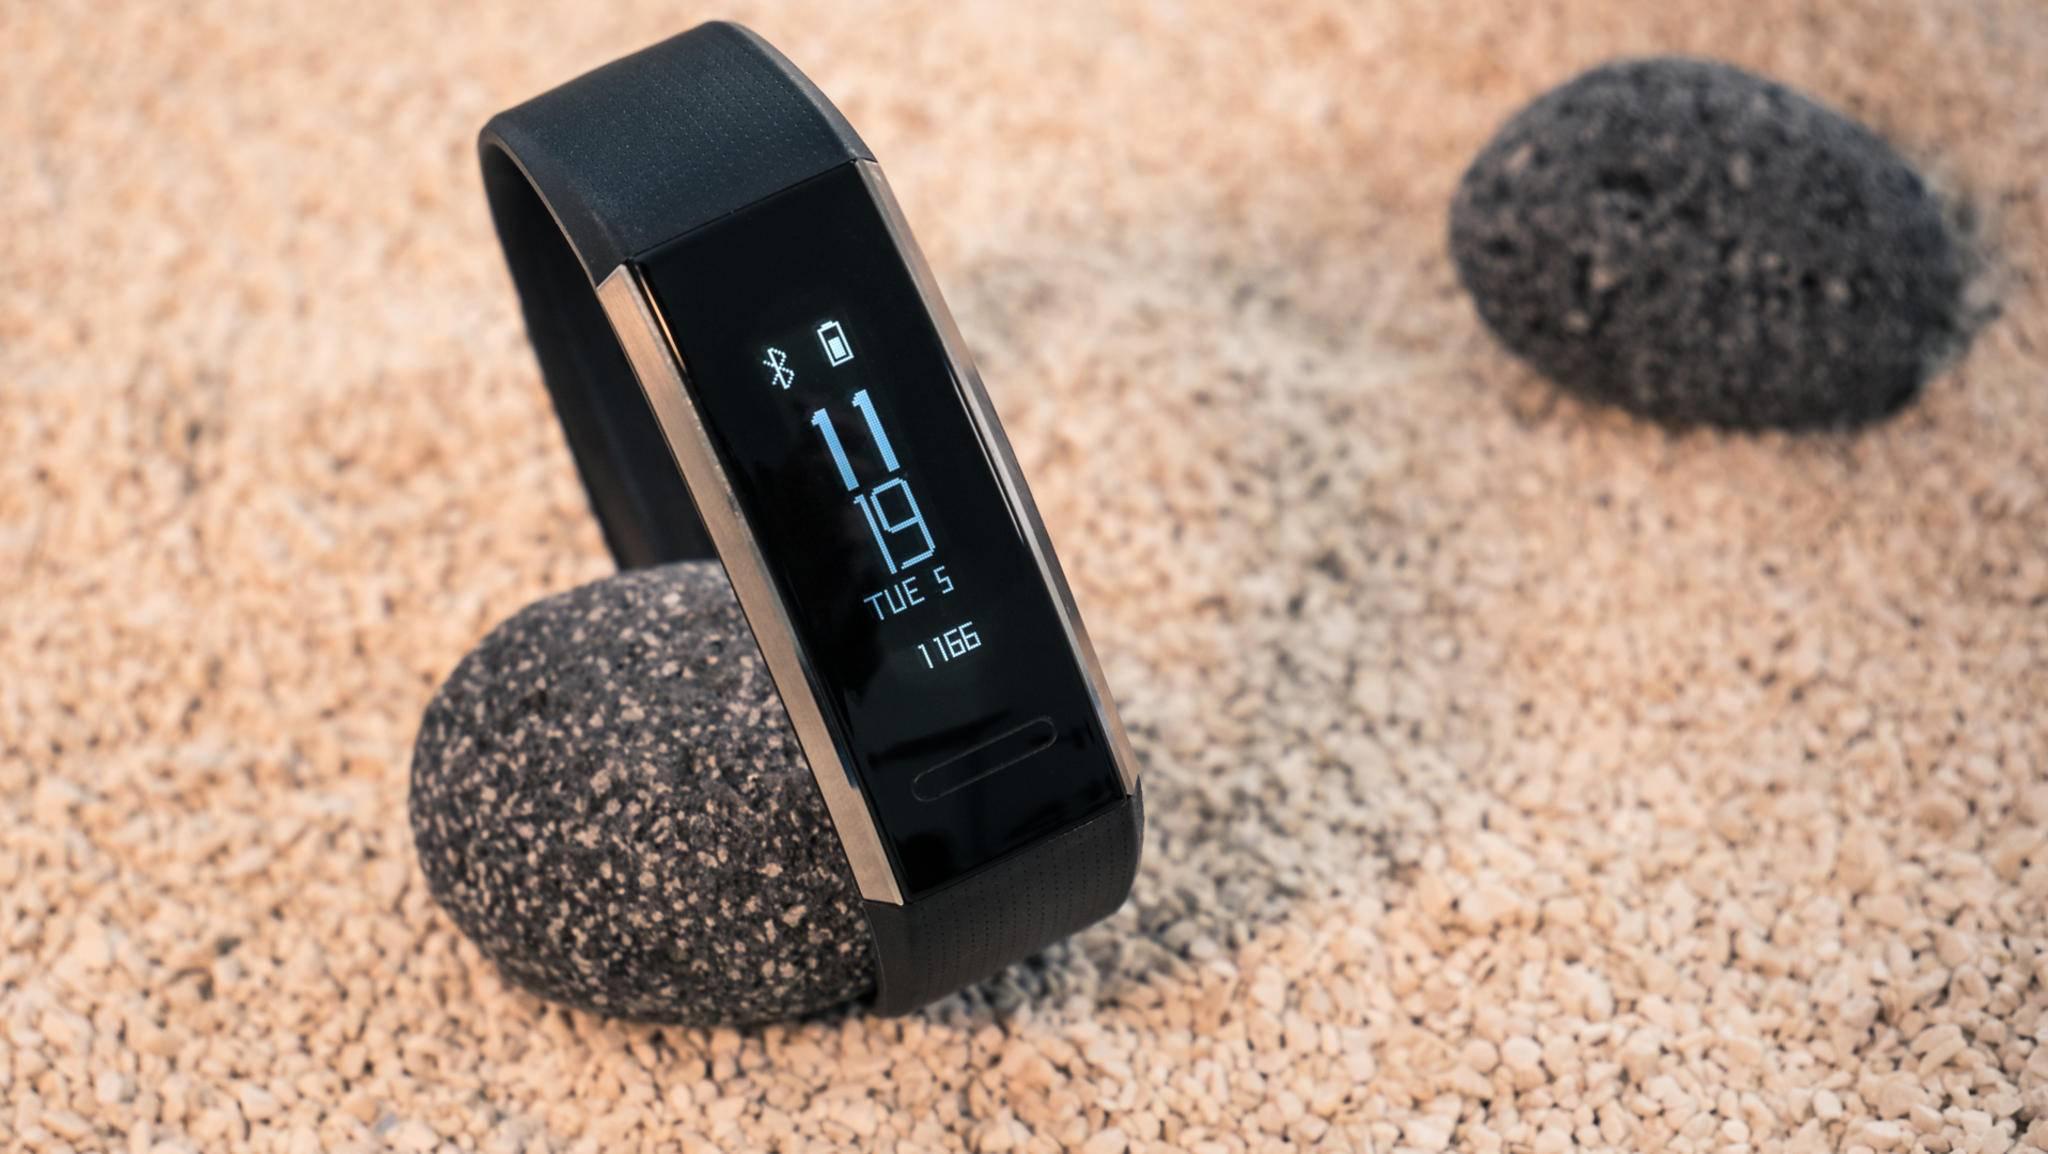 Beim Neigen des Handgelenks erscheint auf dem PMOLED-Display die Uhrzeit, das Datum, die Akkuanzeige sowie die gelaufenen Schritte.